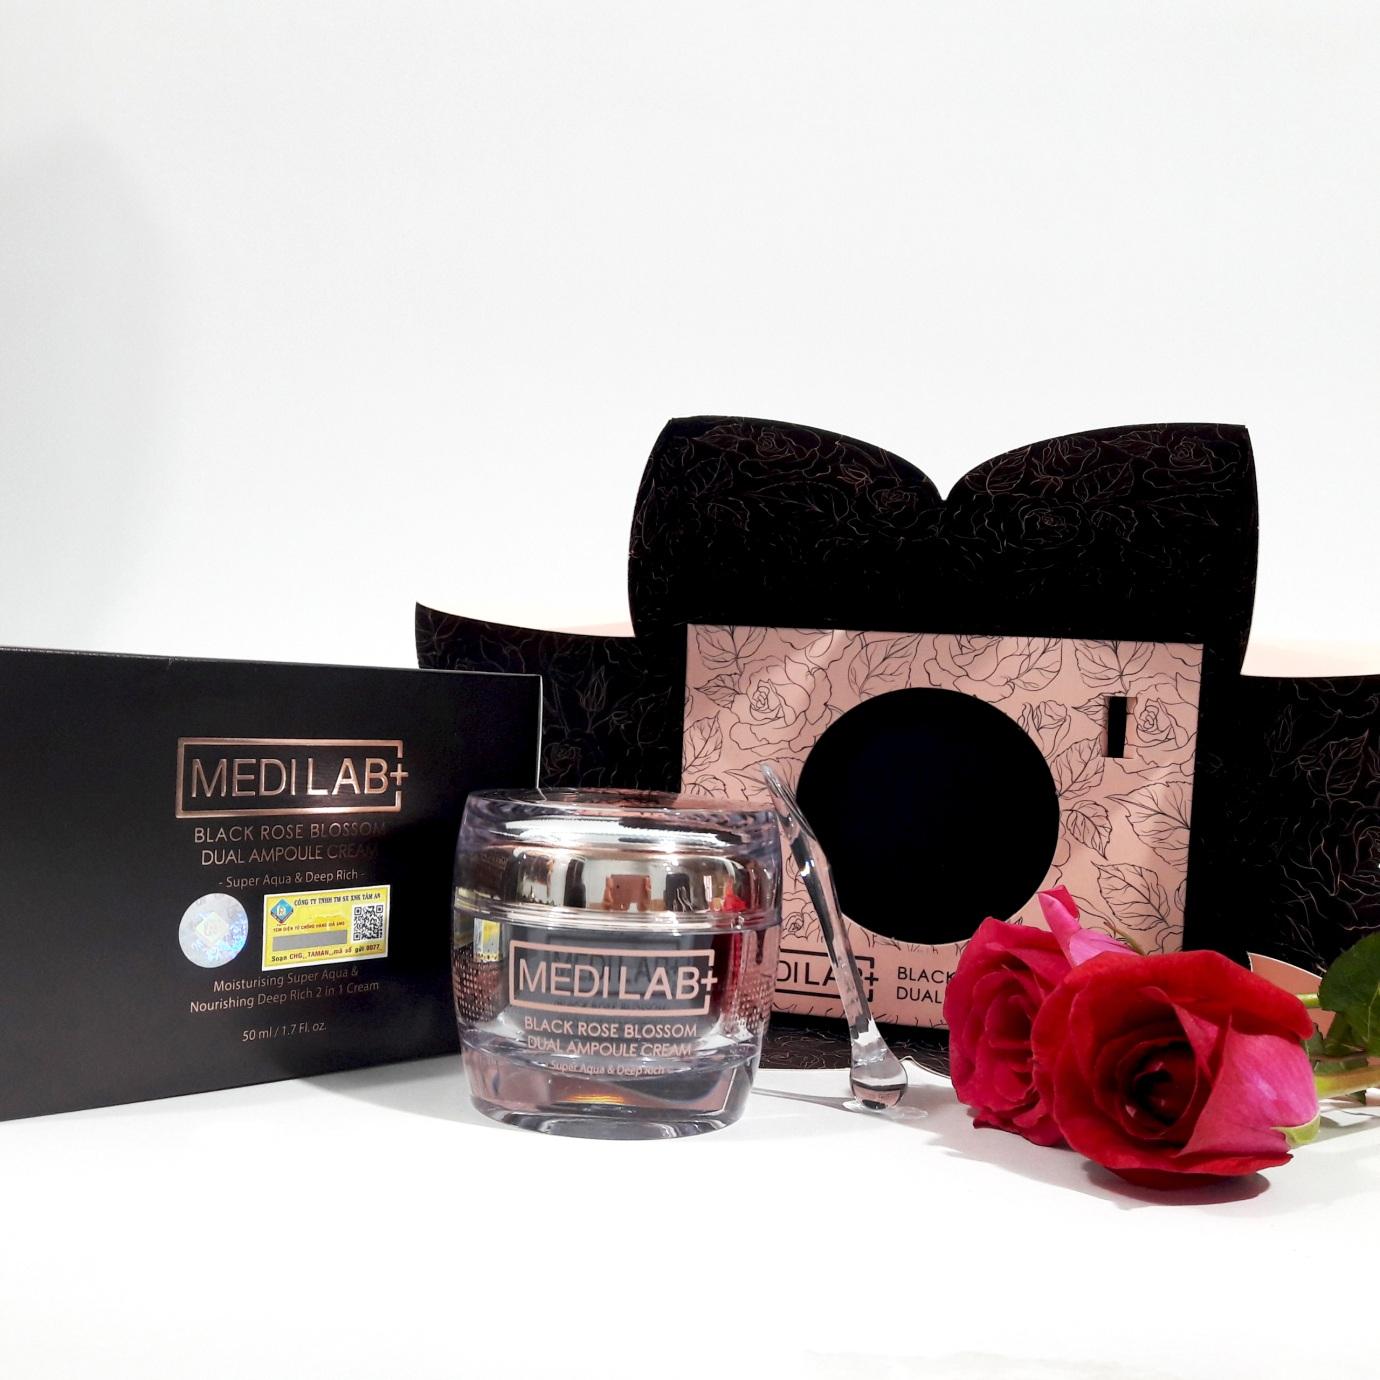 Khám phá nguồn nguyên liệu thiên nhiên của top 3 kem dưỡng hoa hồng đen sáng giá hiện nay - Ảnh 7.